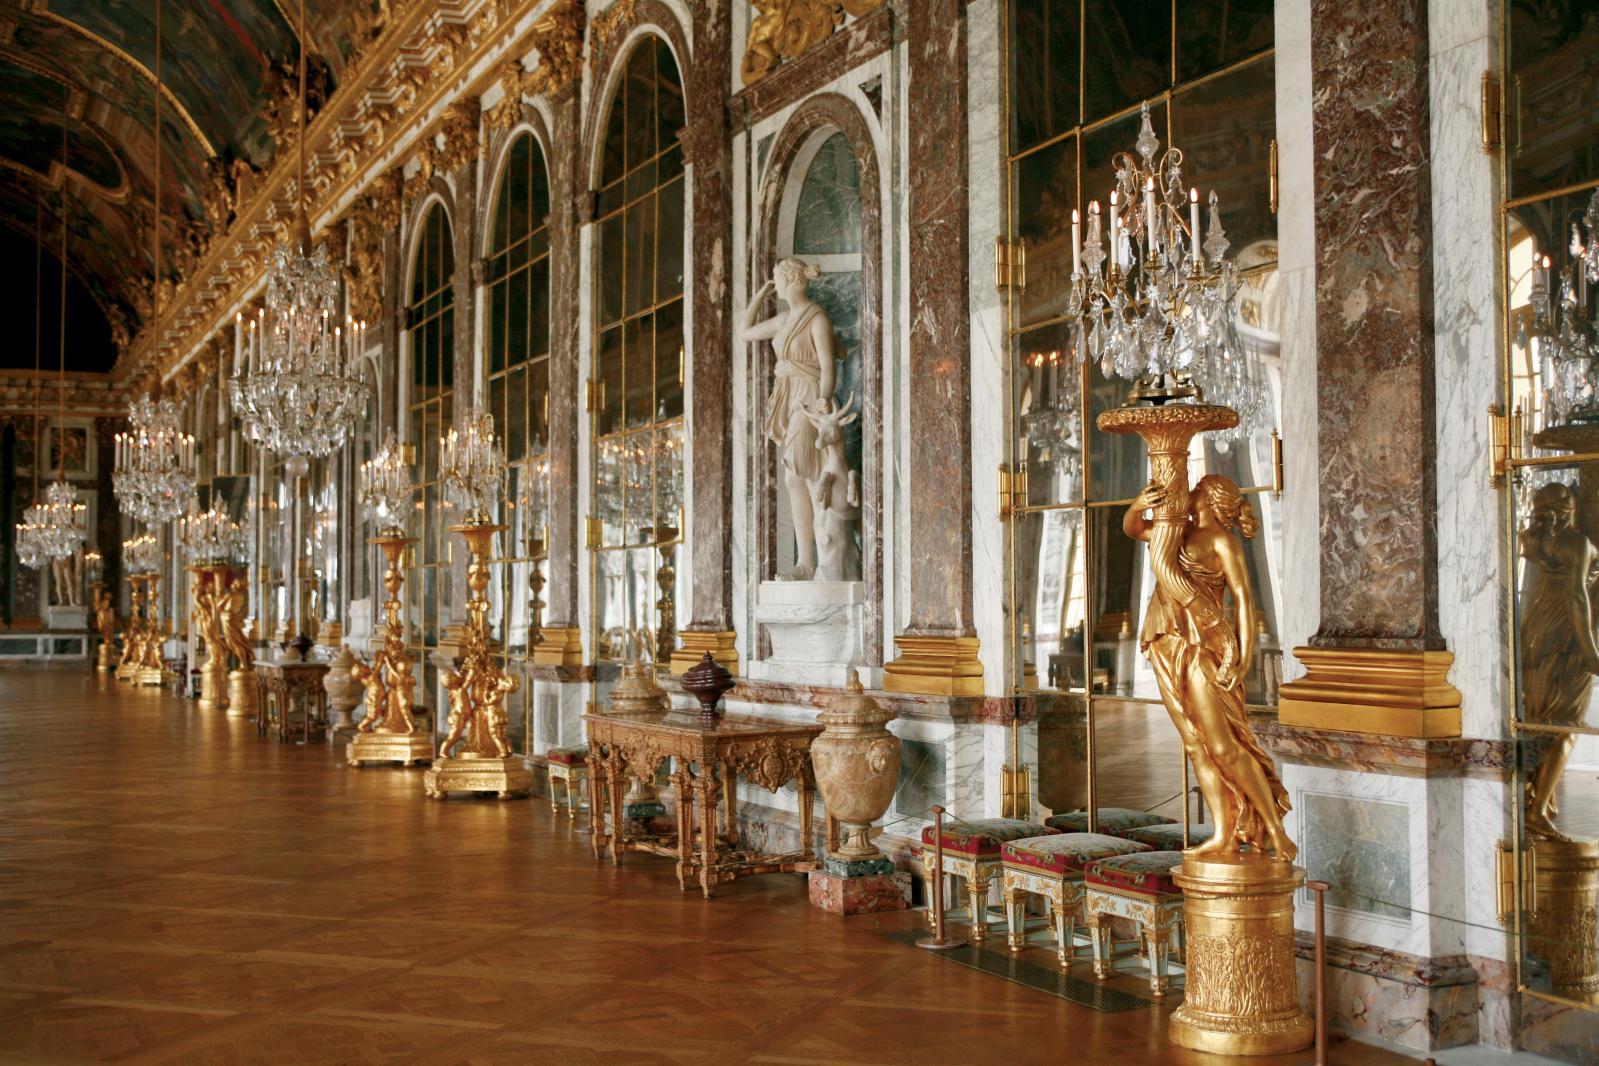 La galerie des Glaces au château de Versailles, restaurée par l'atelier Vincent Guerre de 2004 à 2007. © François Poche